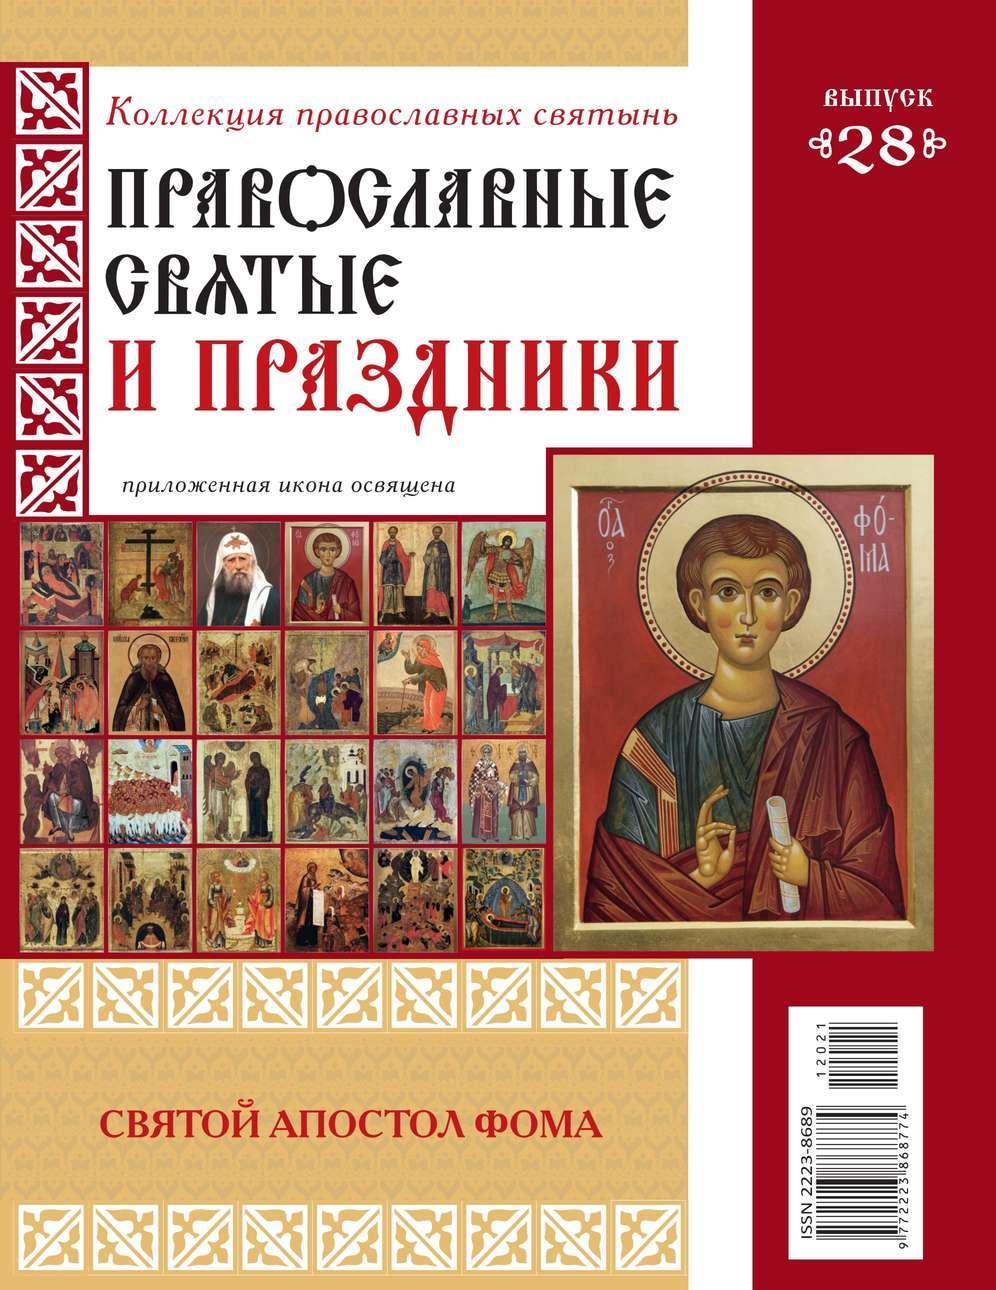 Редакция журнала Коллекция Православных Святынь Коллекция Православных Святынь 28 коллекция